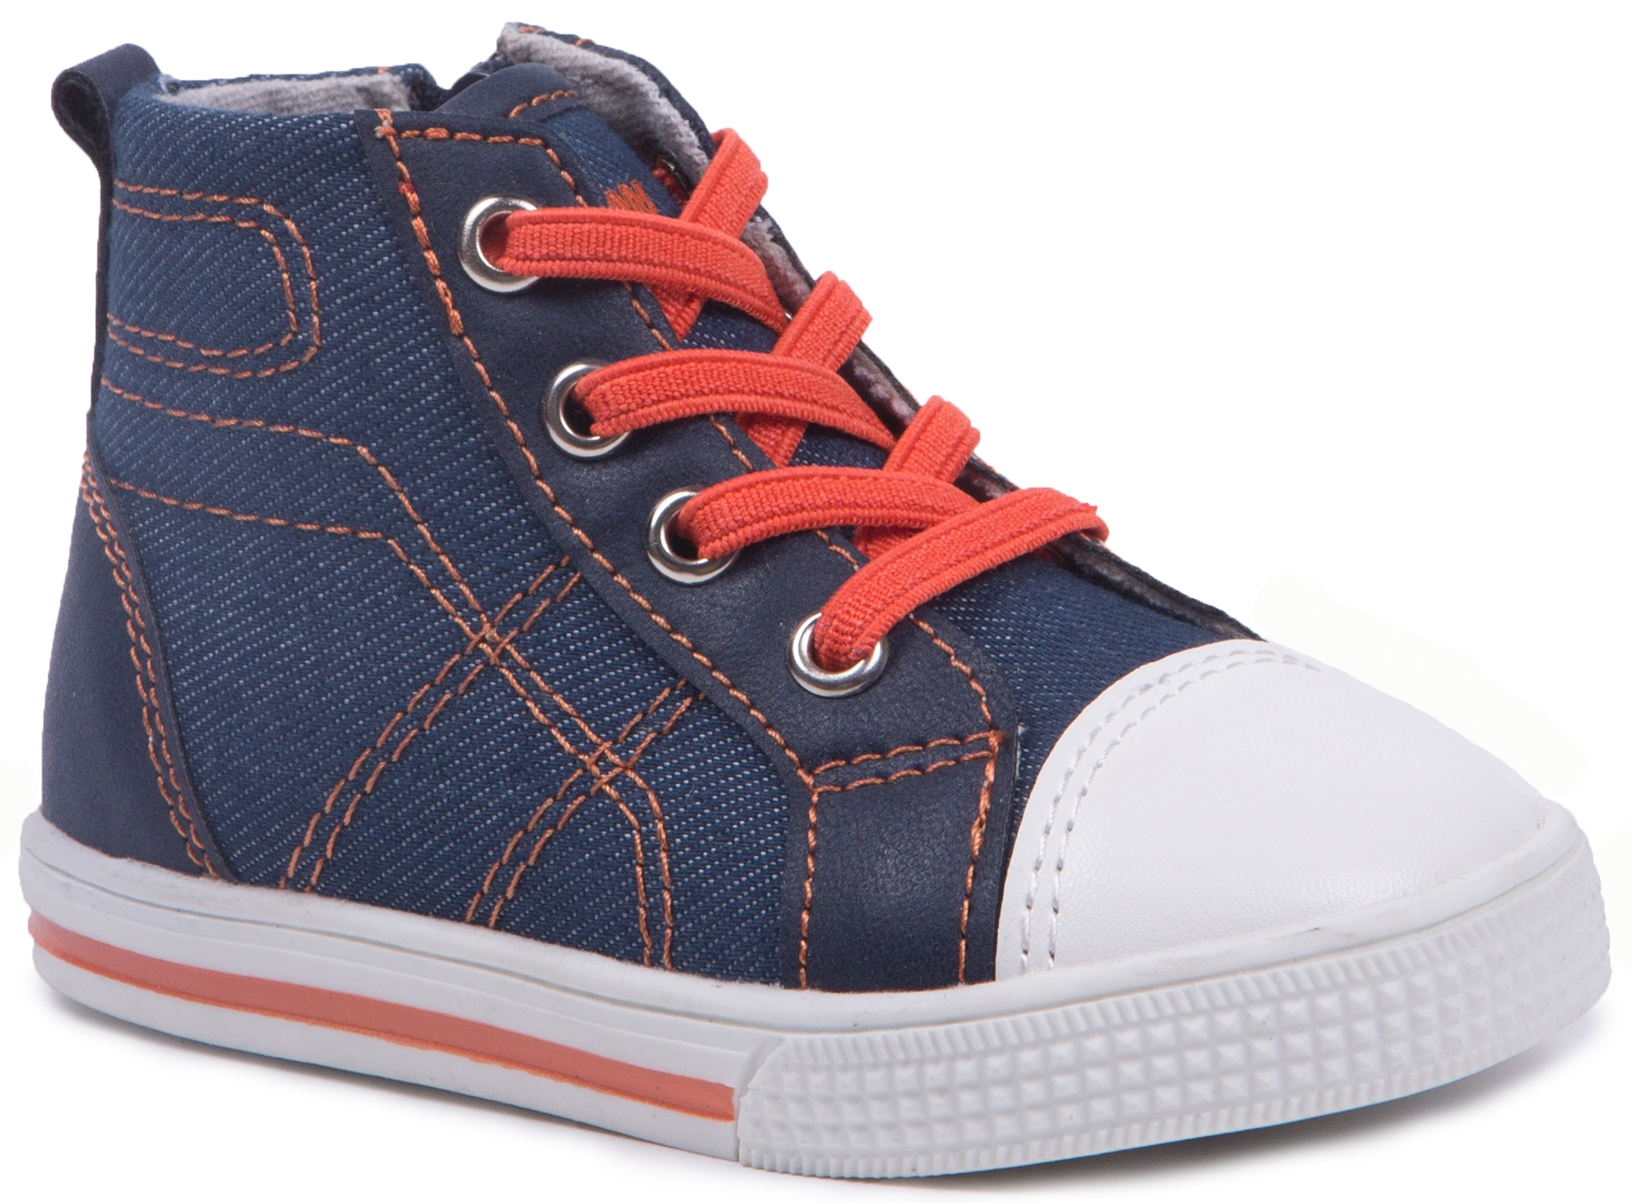 Купить Кроссовки и кеды, Ботинки для мальчика Barkito, синие, Китай, blue, Мужской